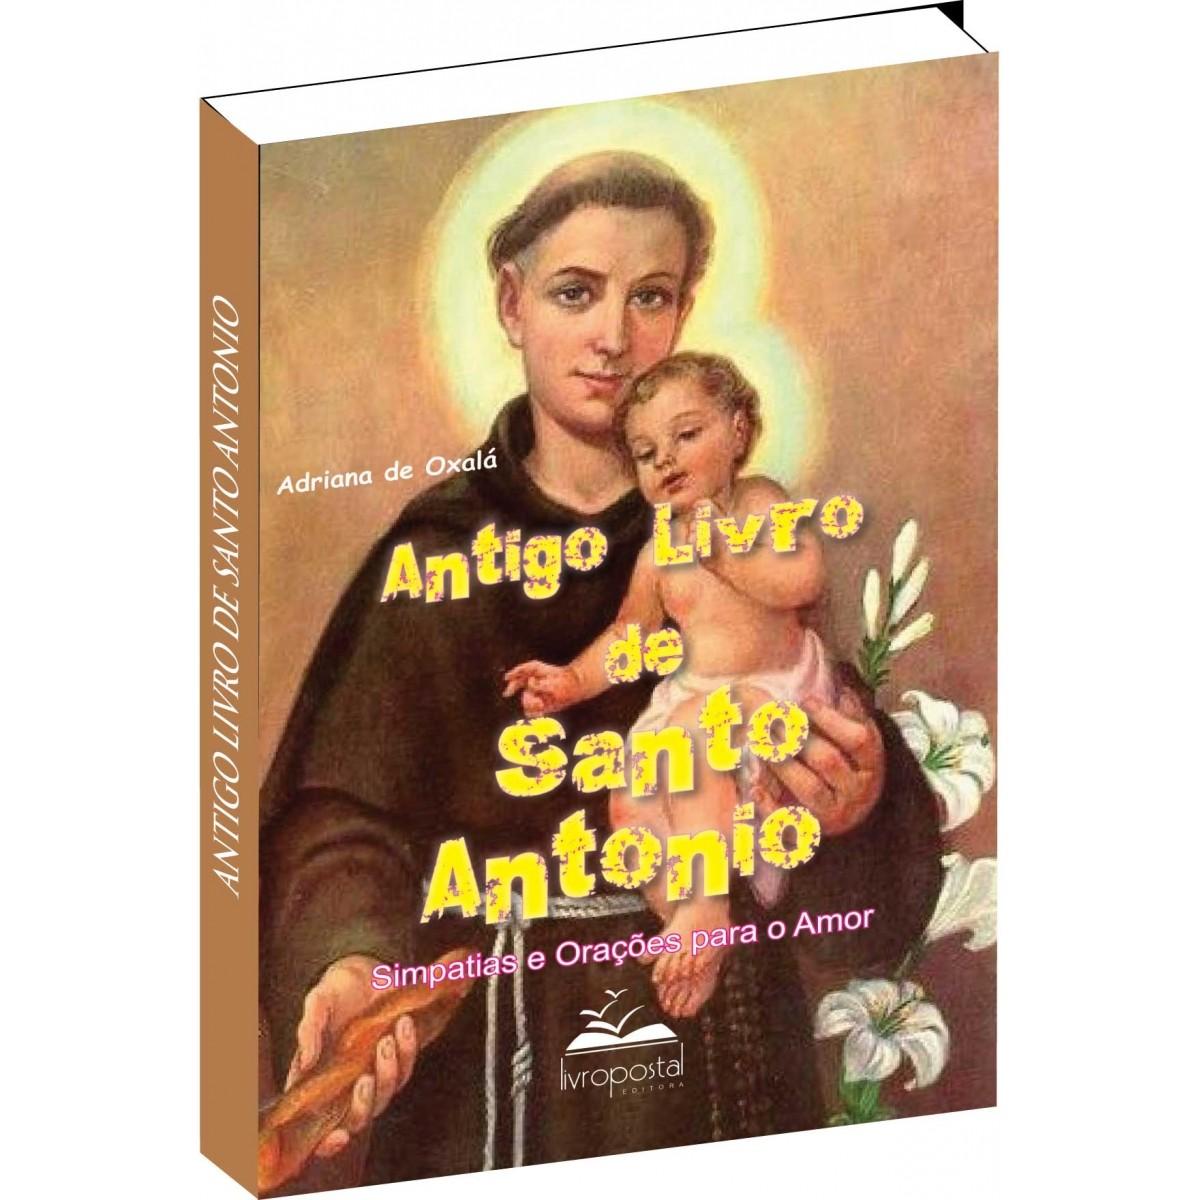 Ebook do Livro - Antigo Livro de Santo Antonio  - Livropostal Editora